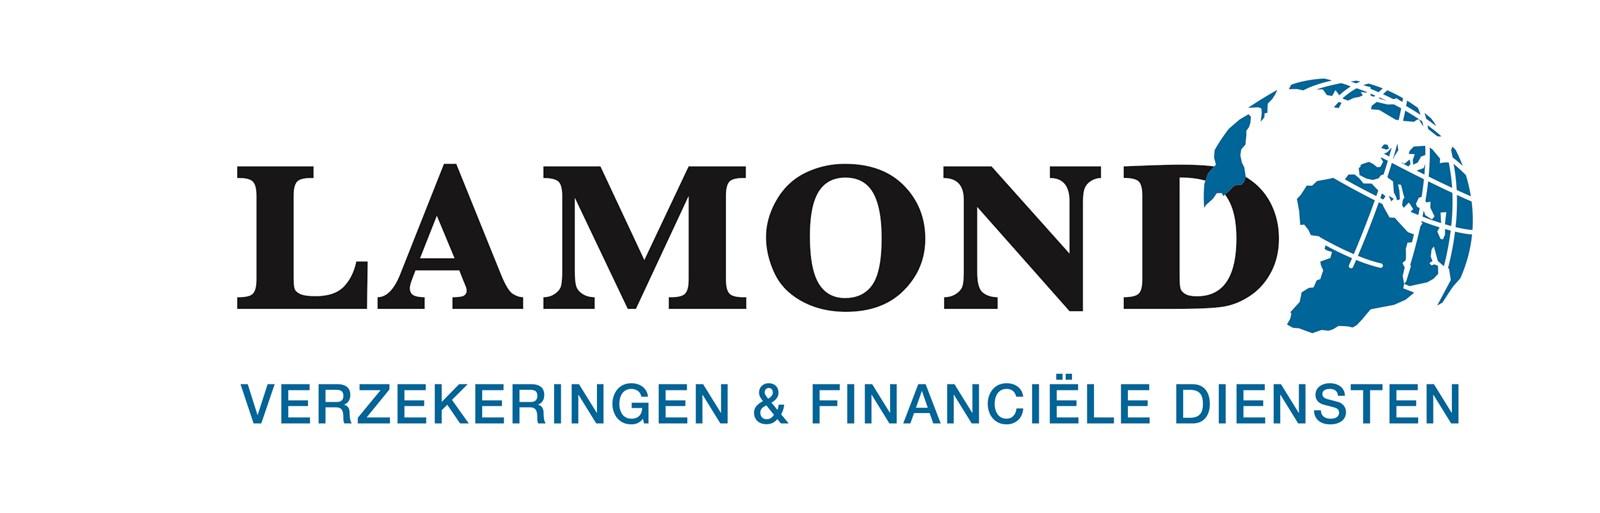 Logo van Lamond Verzekeringen en Financiële Diensten B.V.